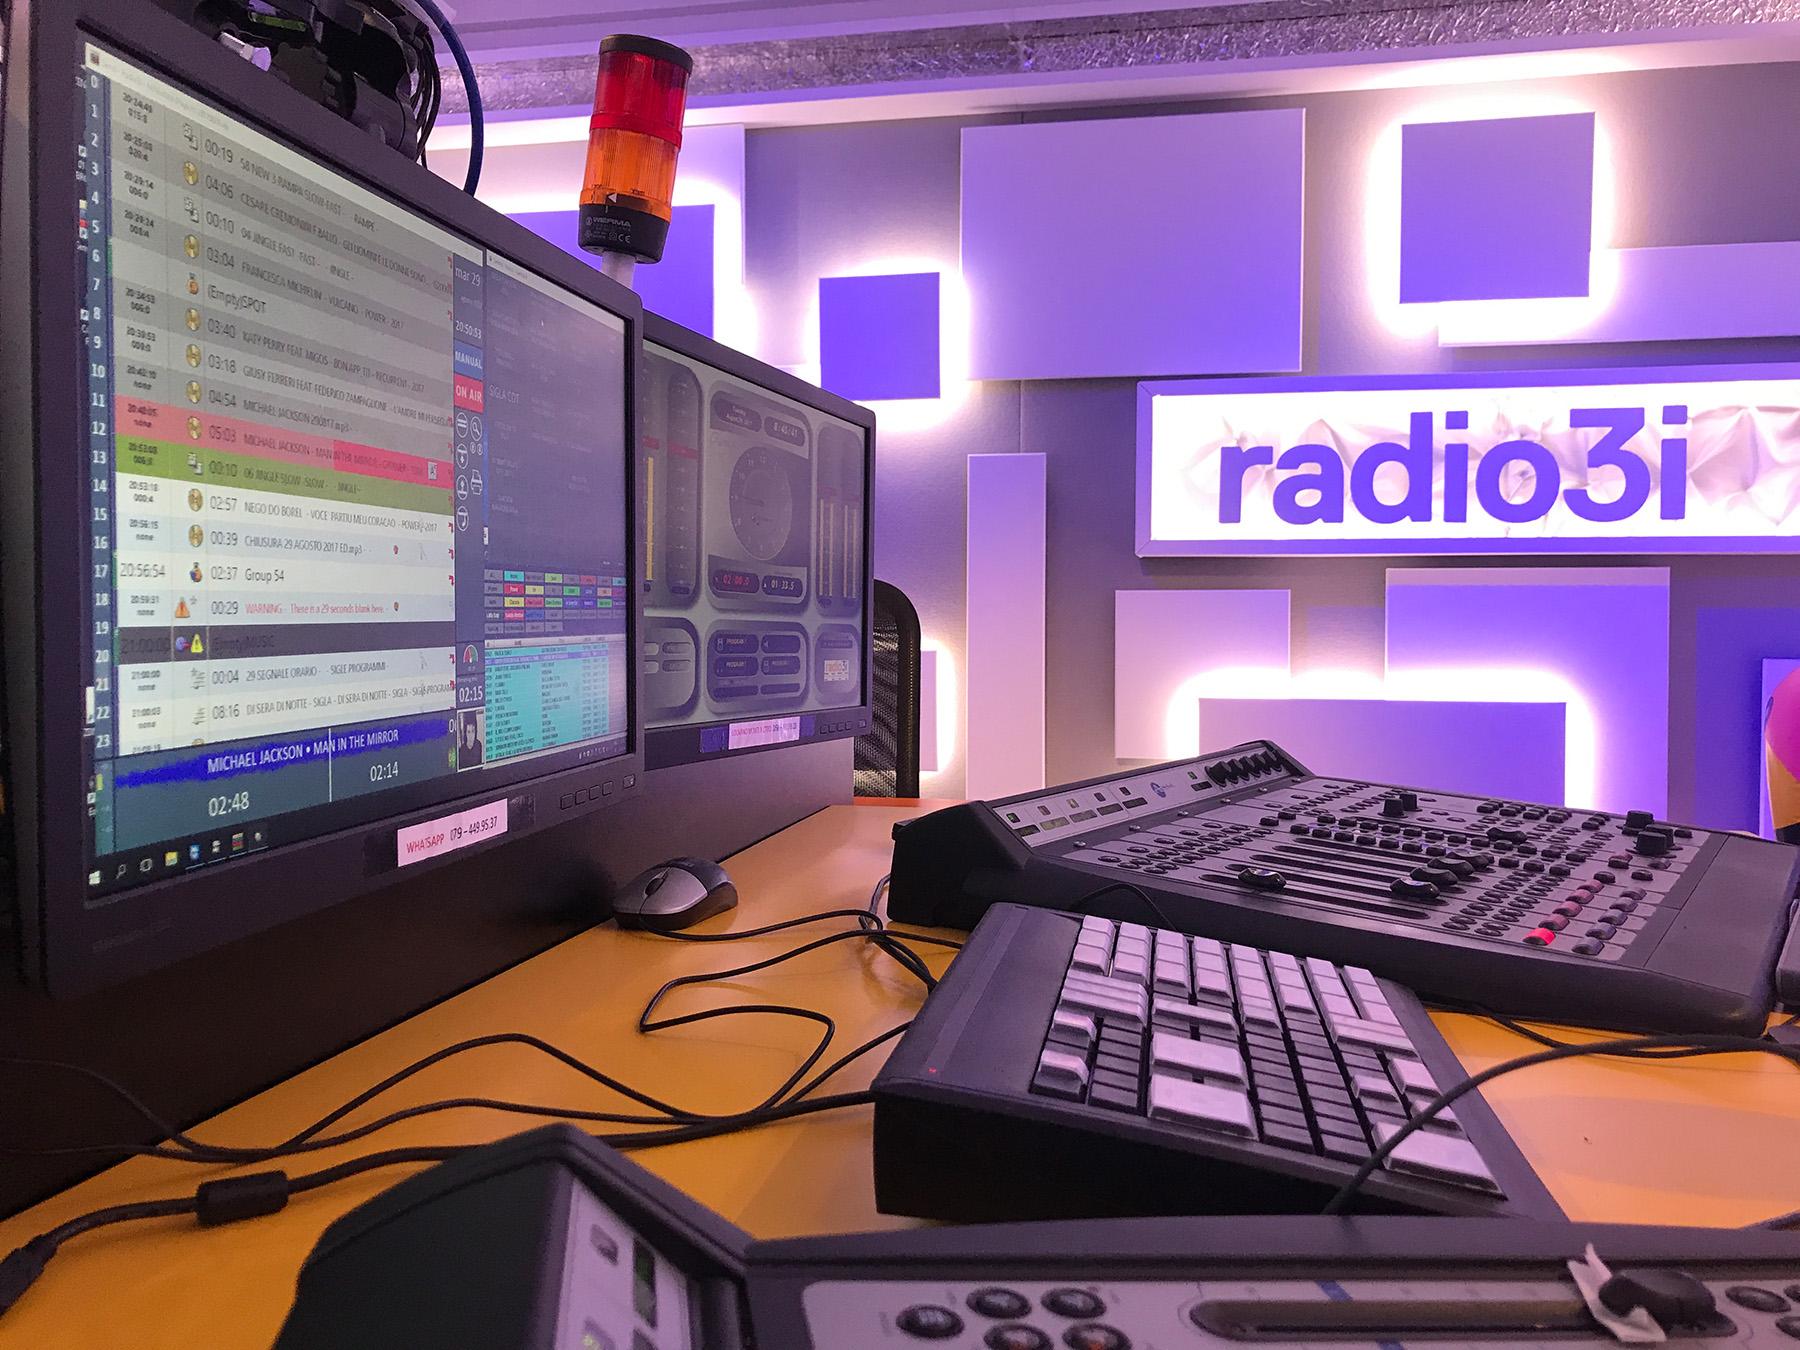 Radio 3i studio 2 - Radio digitale. In Svizzera sale al 57%, anche se gli utenti non smettono di usare quella tradizionale